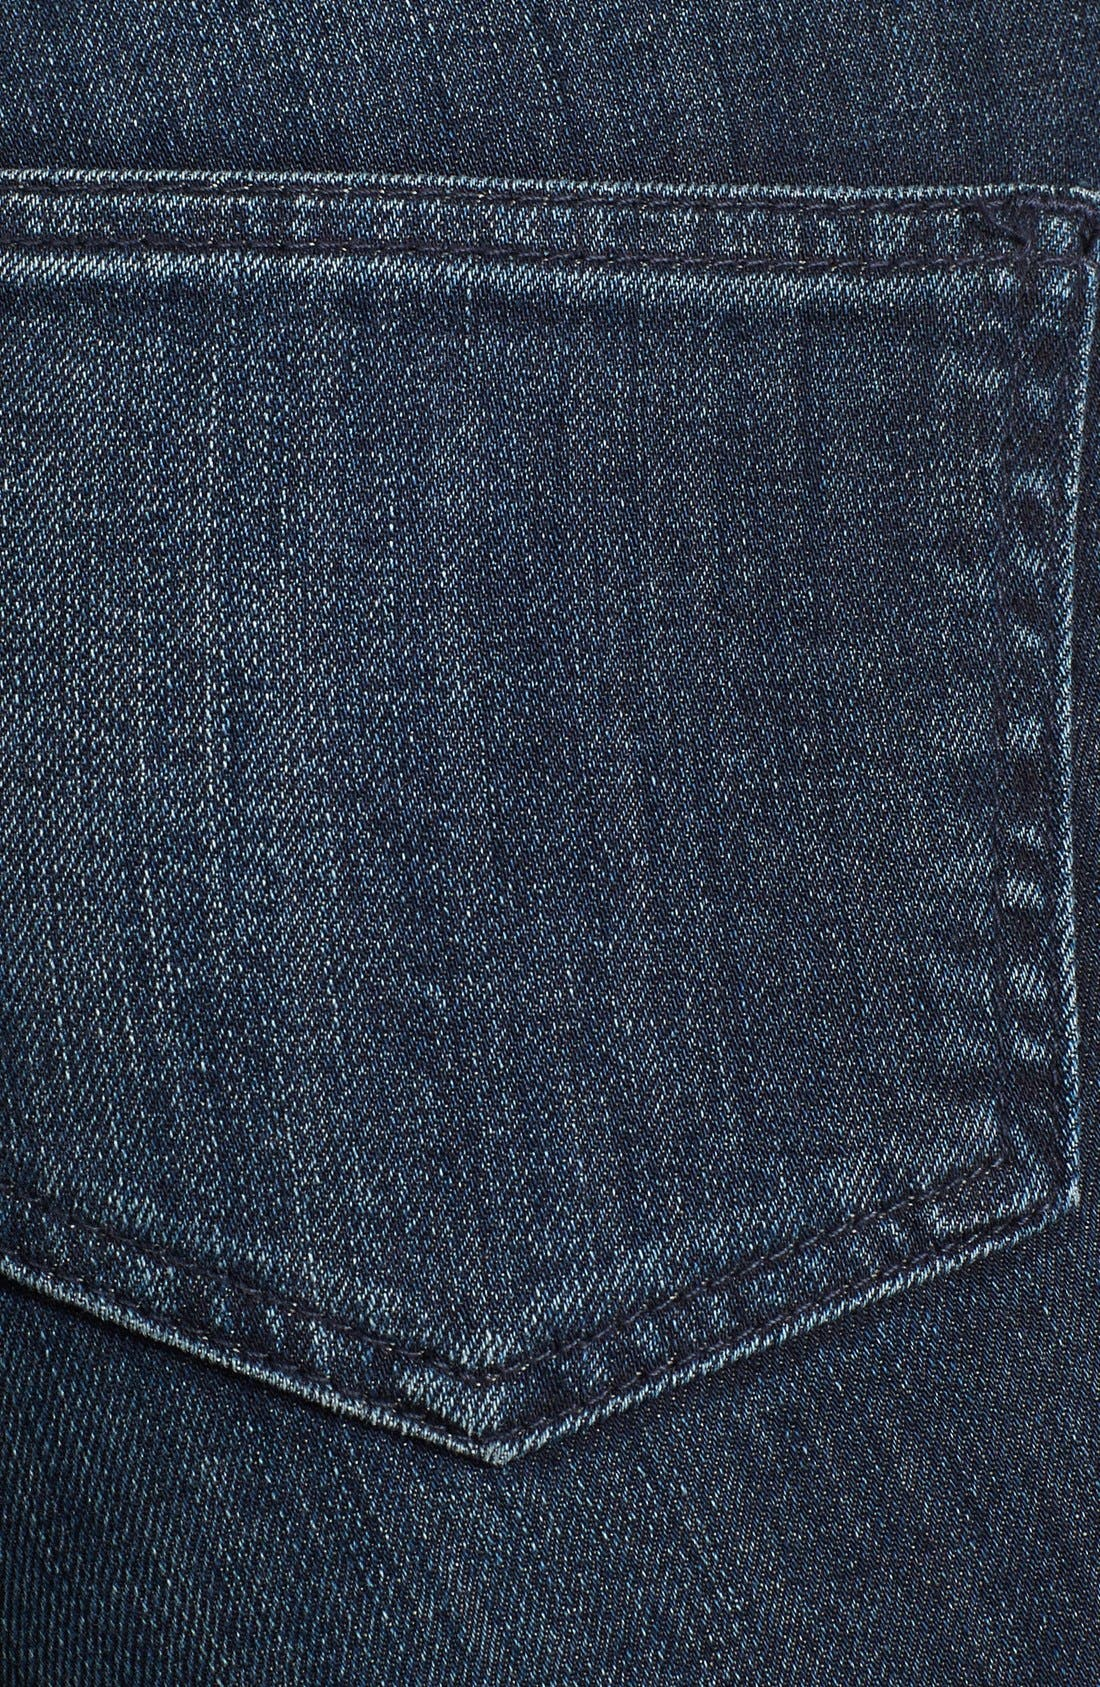 Alternate Image 3  - BLK DNM Zip Detail Skinny Jeans (Water Blue)